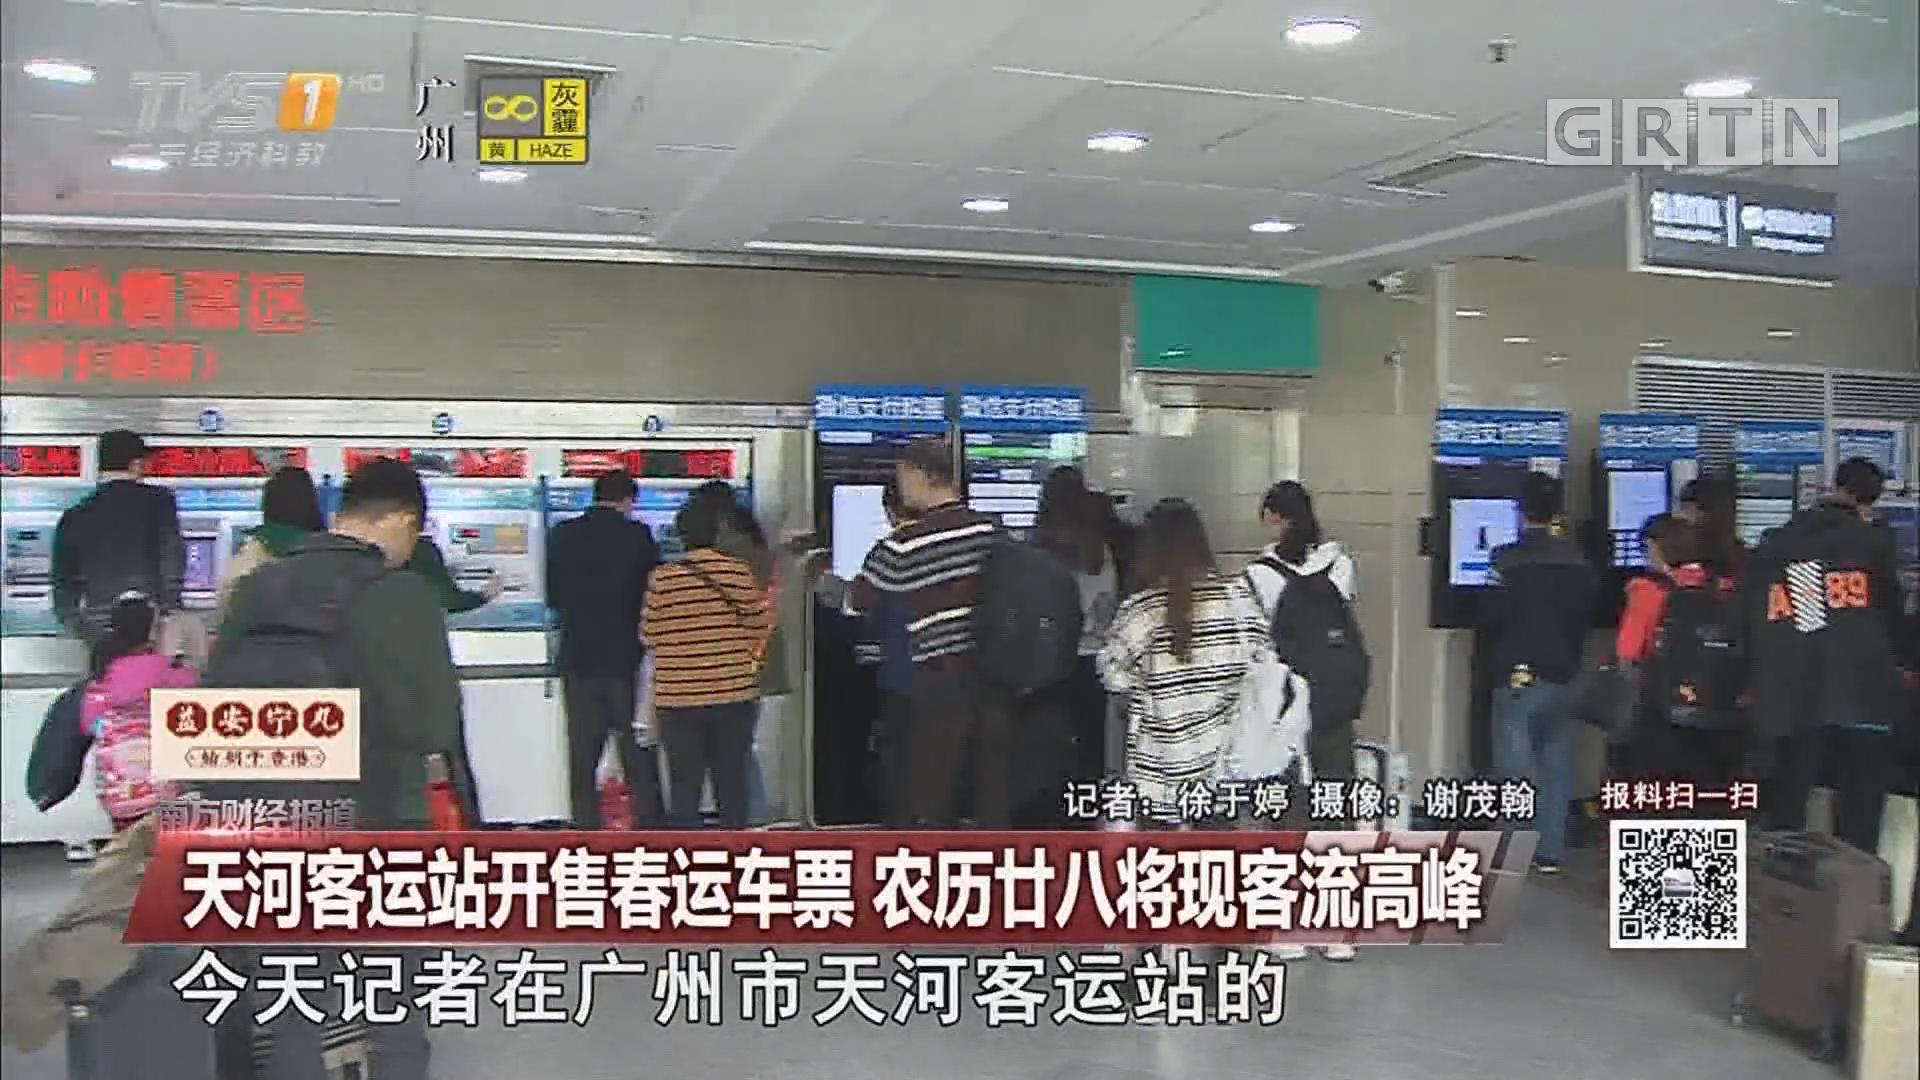 天河客运站开售春运车票 农历廿八将现客流高峰